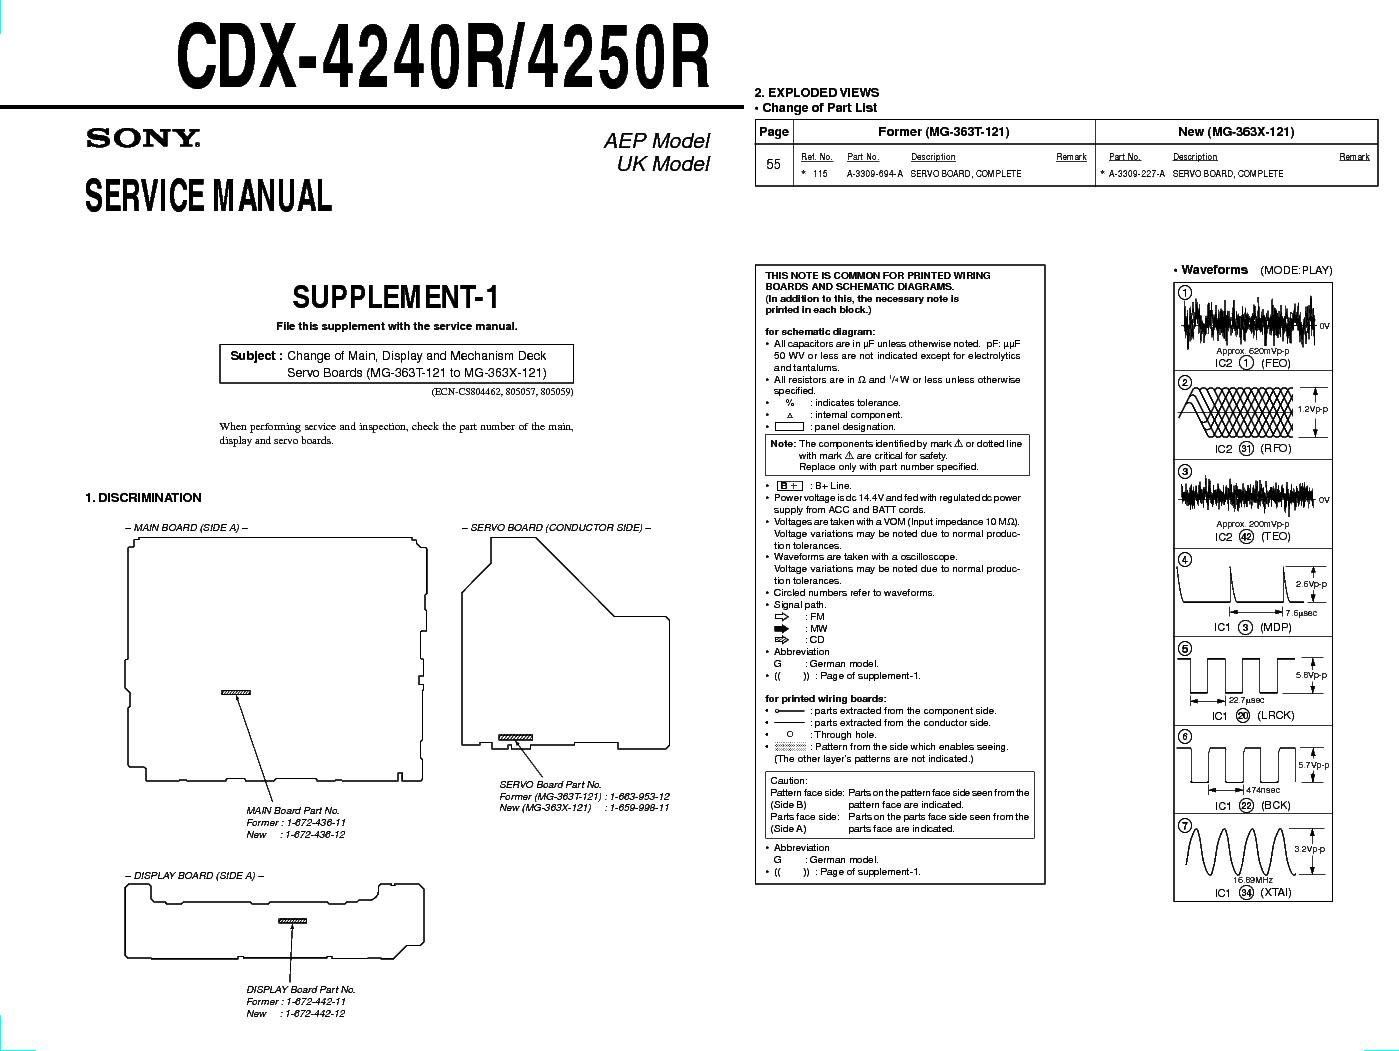 Sony Cdx F5710 Wiring Diagram from schematron.org